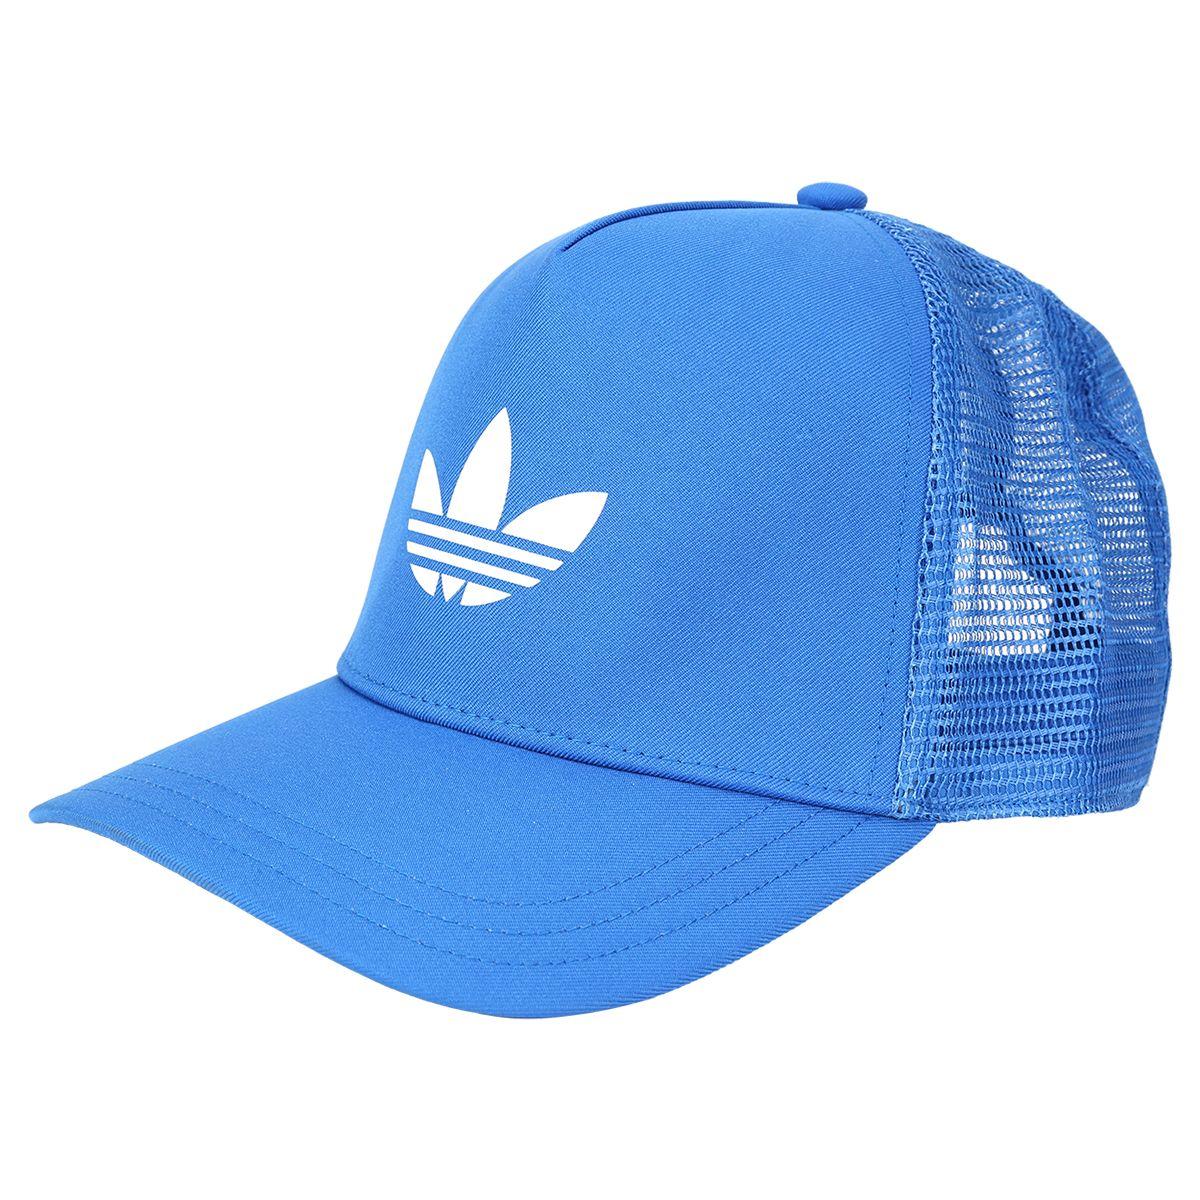 Boné Adidas Trefoil Trucker Azul claro e Branco  b7e26e402cf